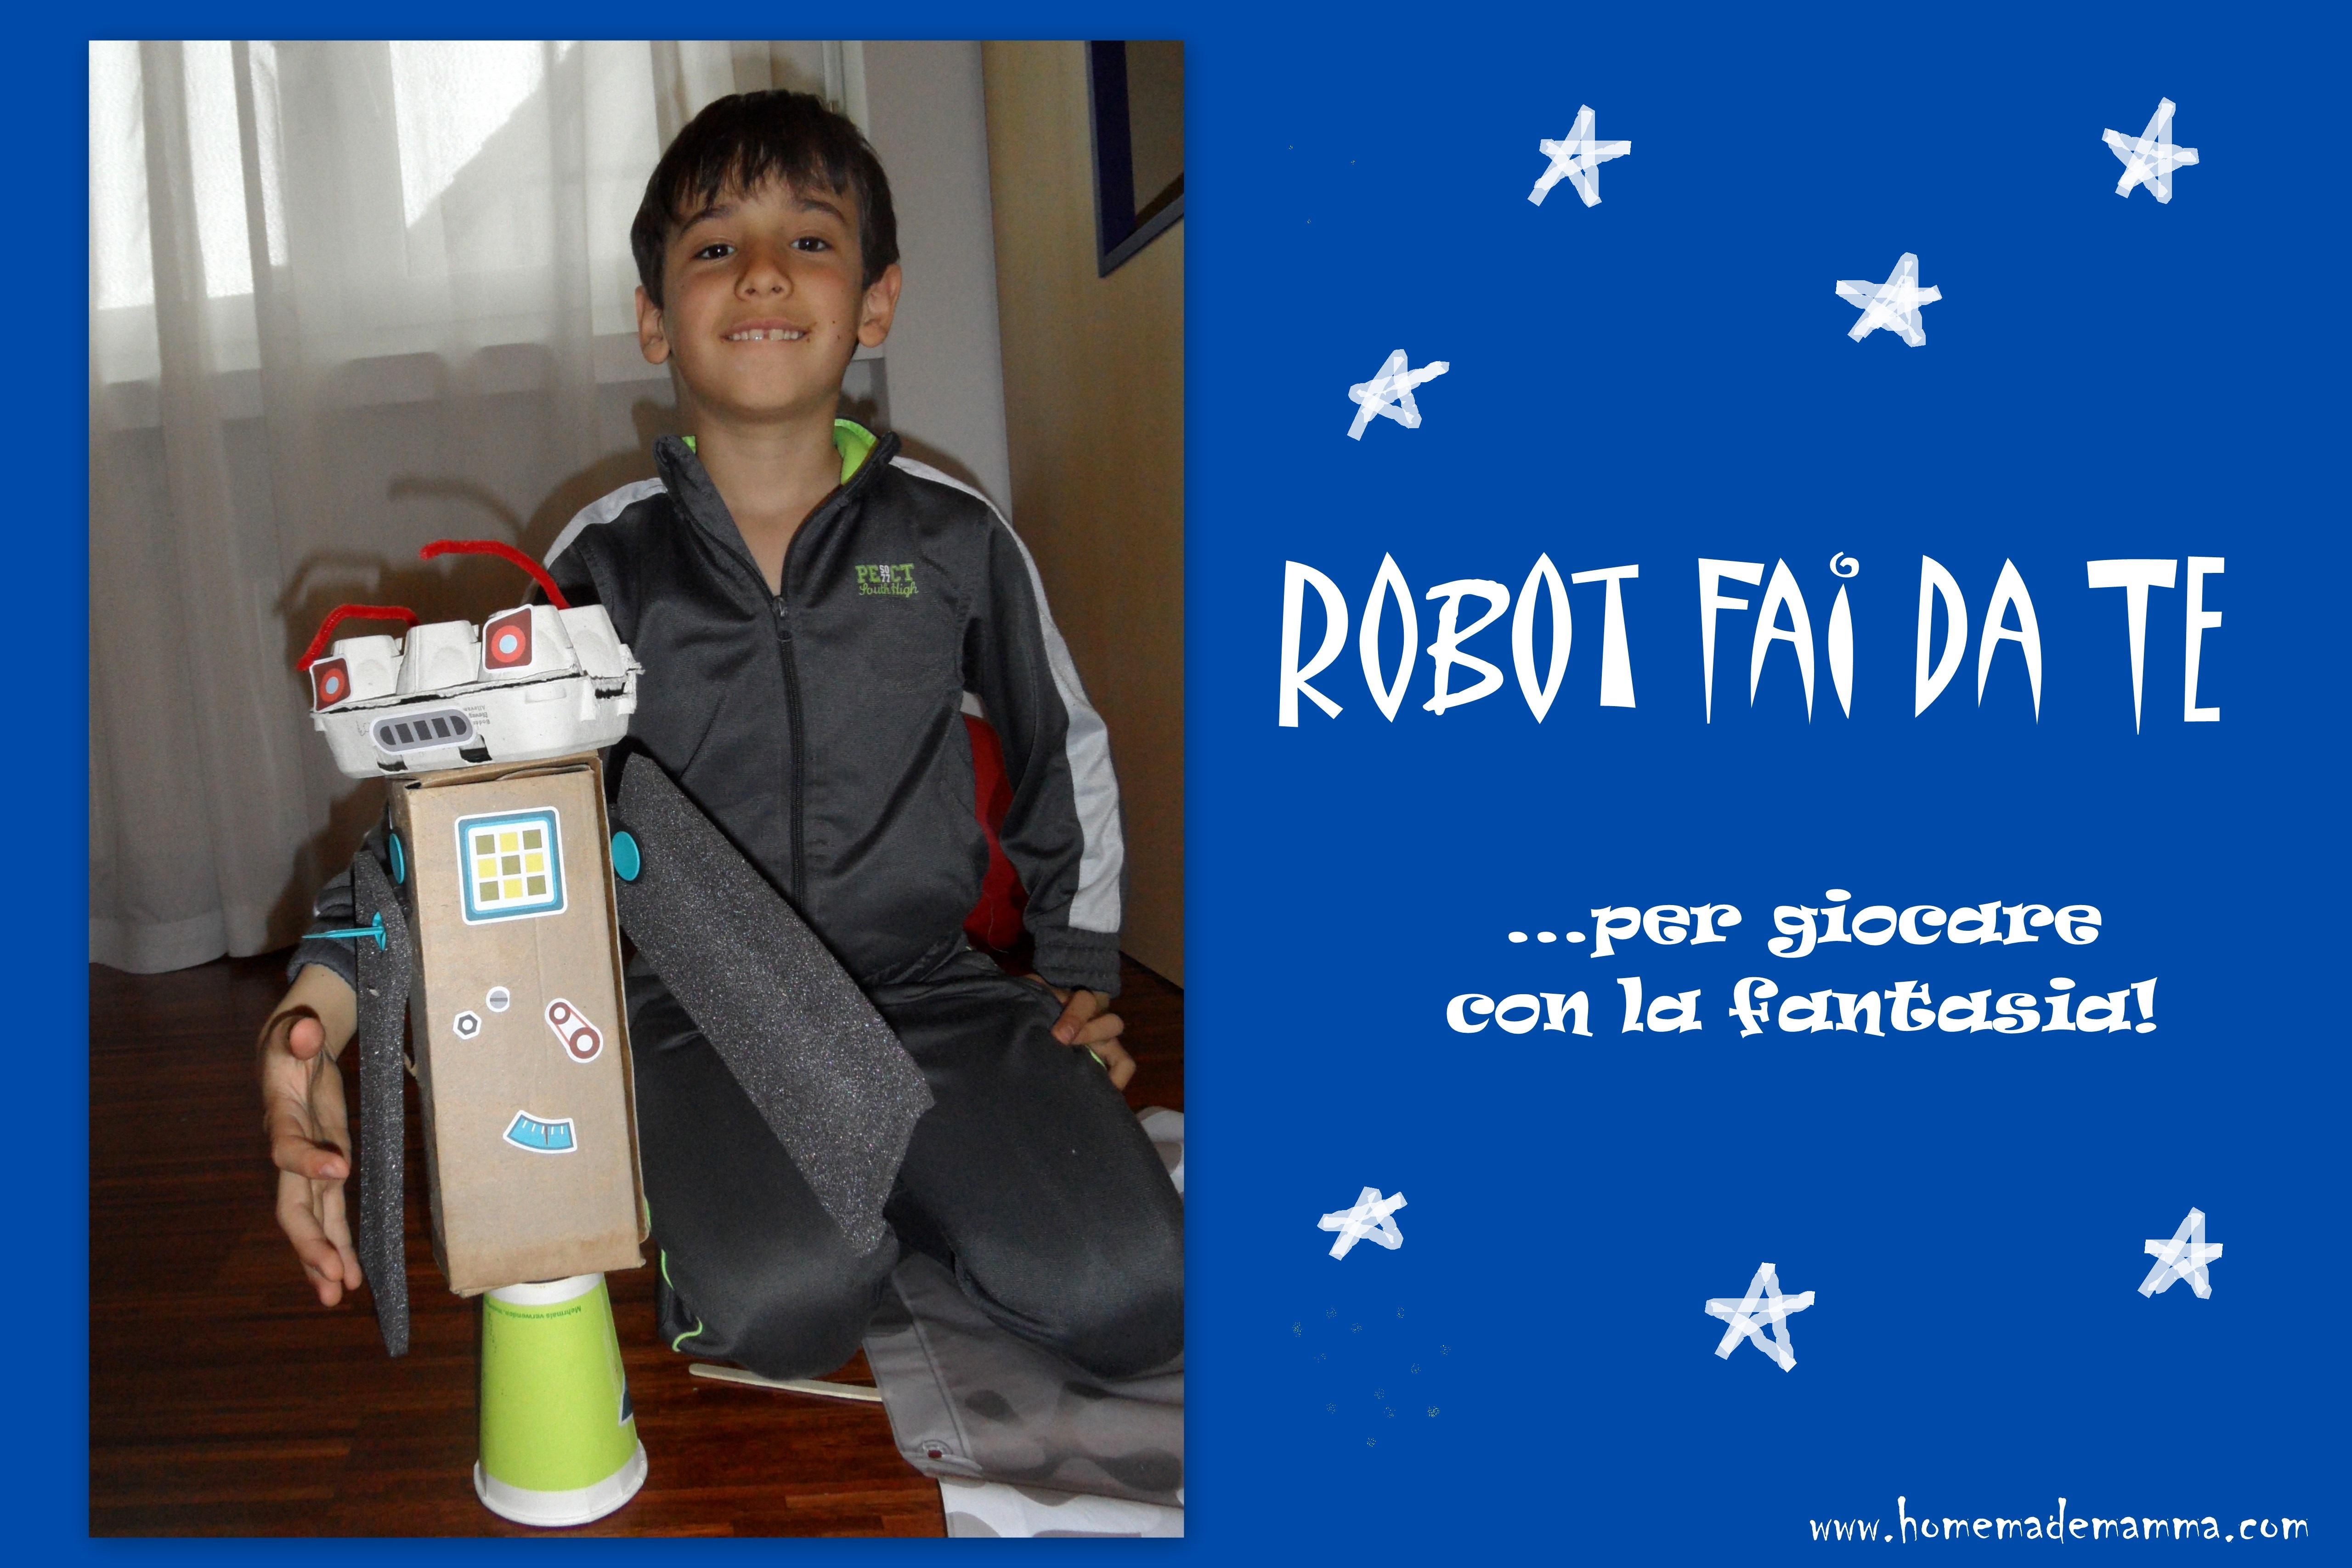 Un robot fai da te tutto ricicloso for Tutto fai da te casa